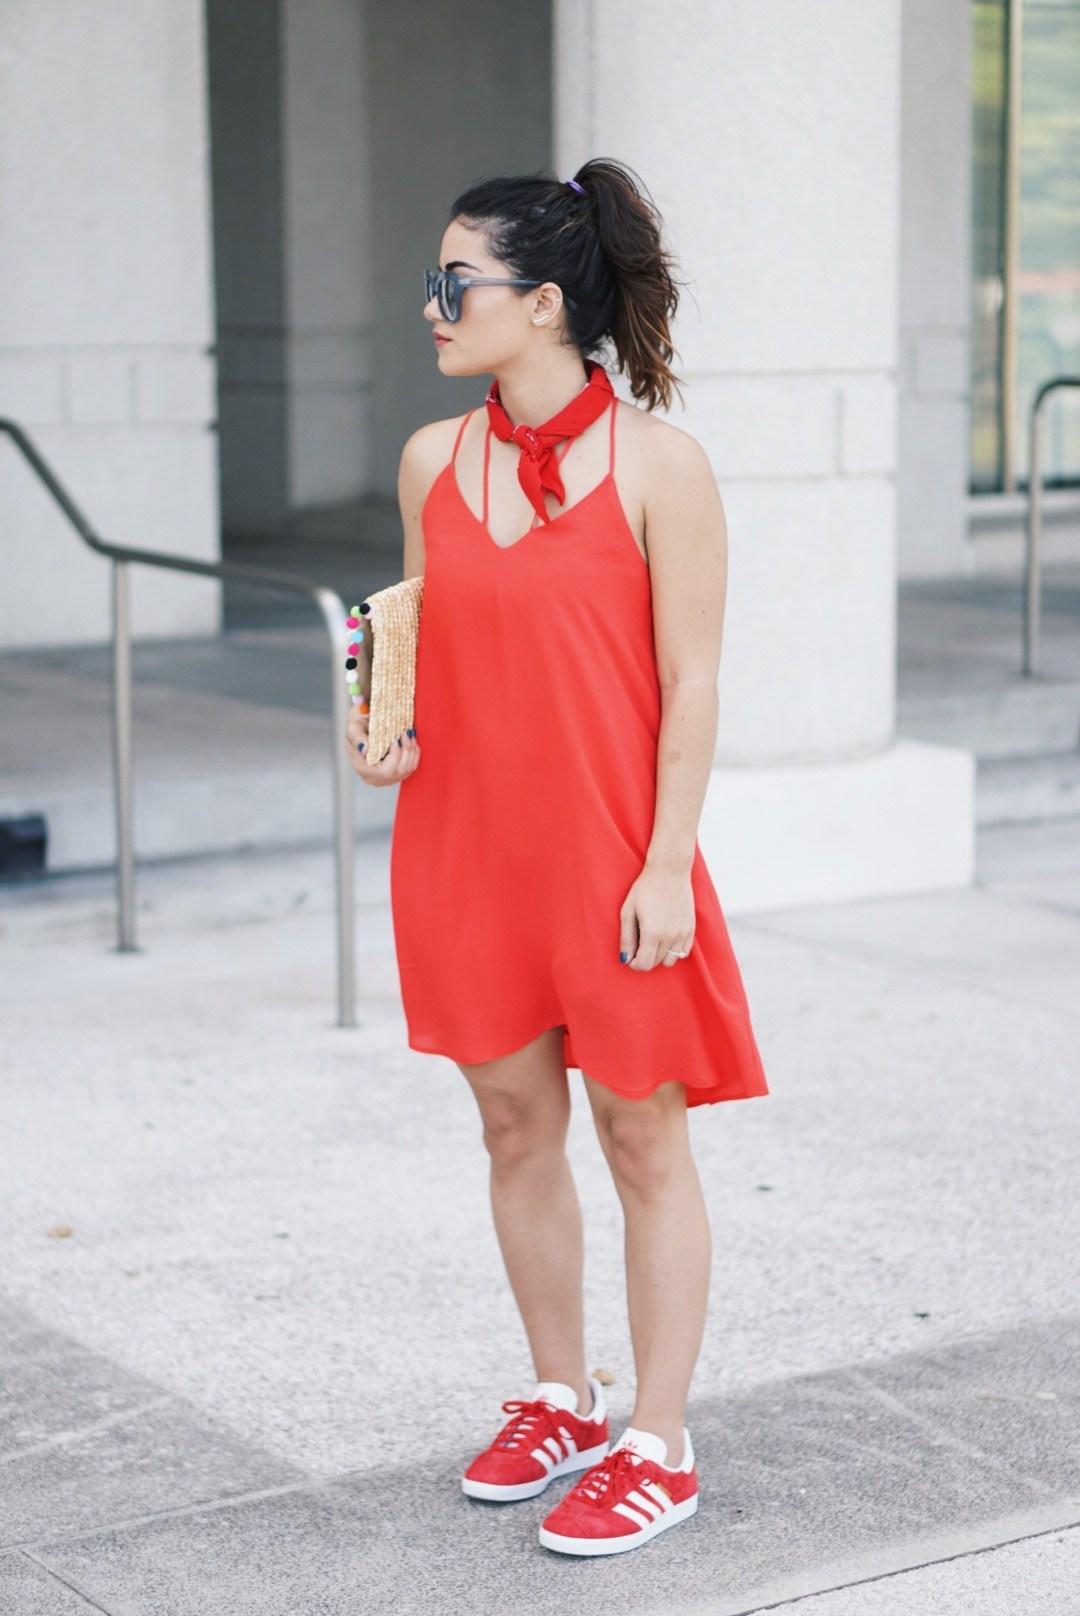 красное платье с кроссовками фото